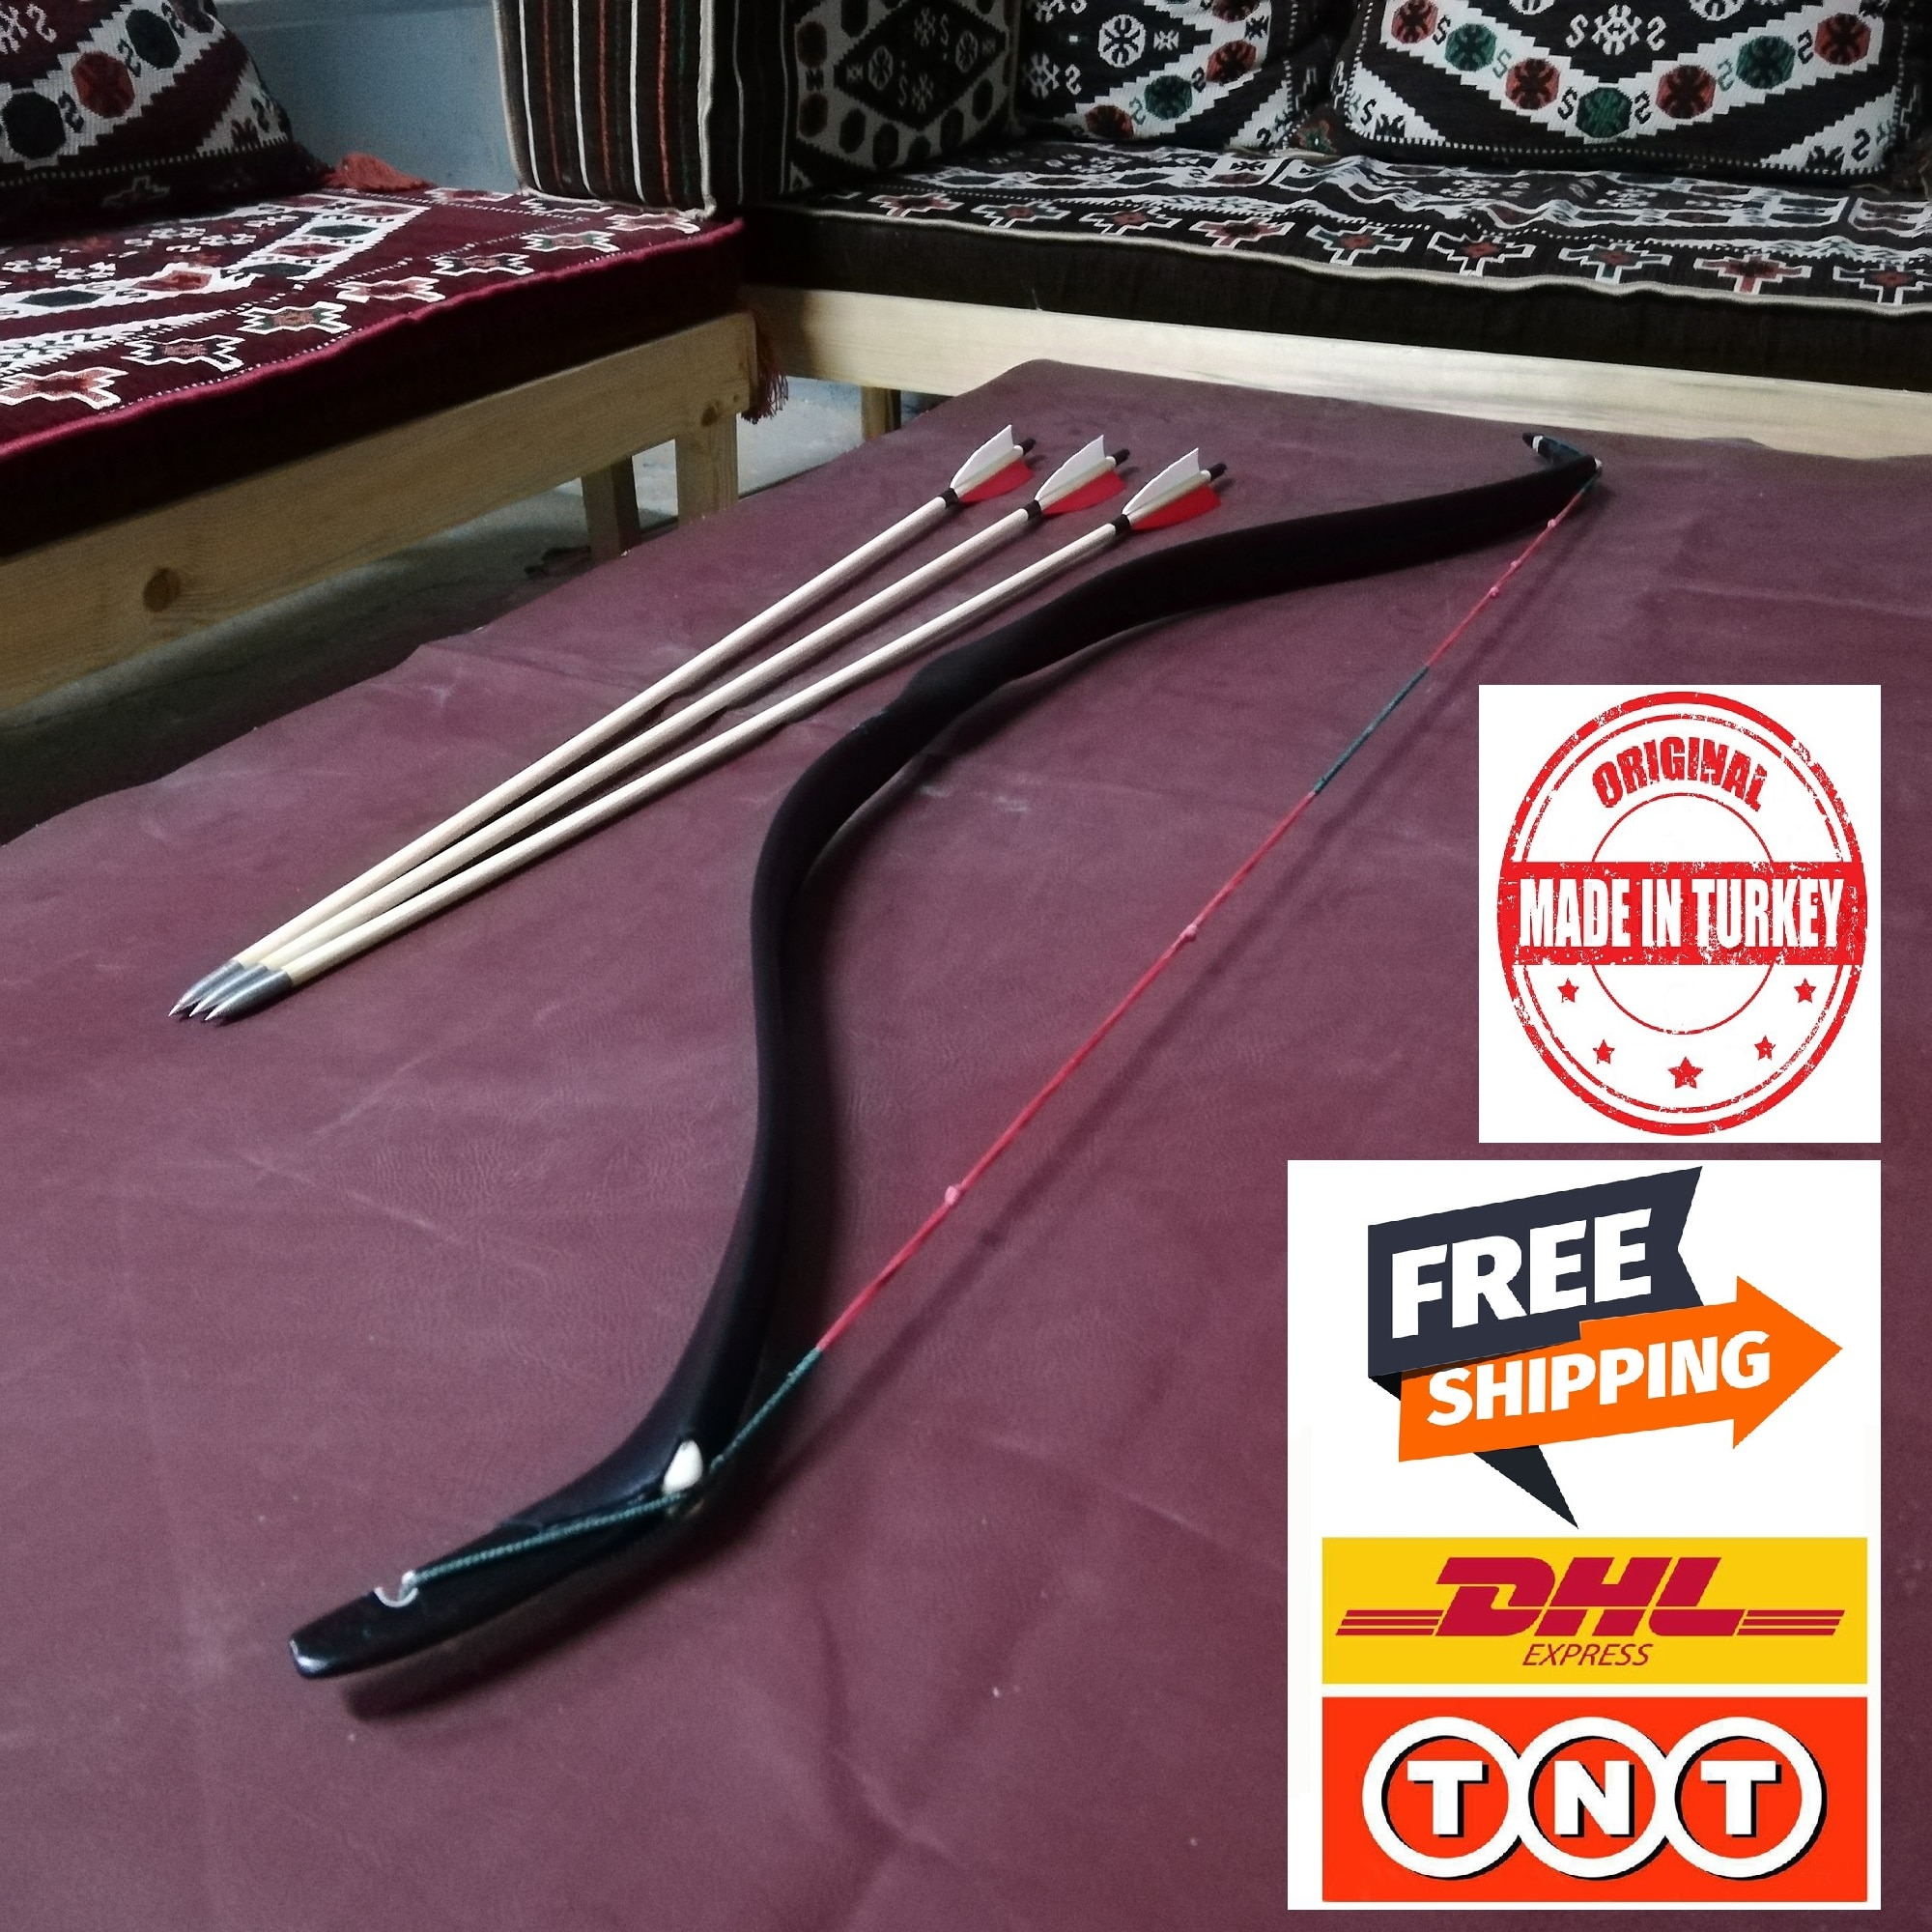 اوكبابا قسط التركية التقليدية PV الألياف الزجاجية الراتنج القوس الهدف النار 30-45 رطل التركية العثمانية شكل-شحن مجاني DHL / TNT